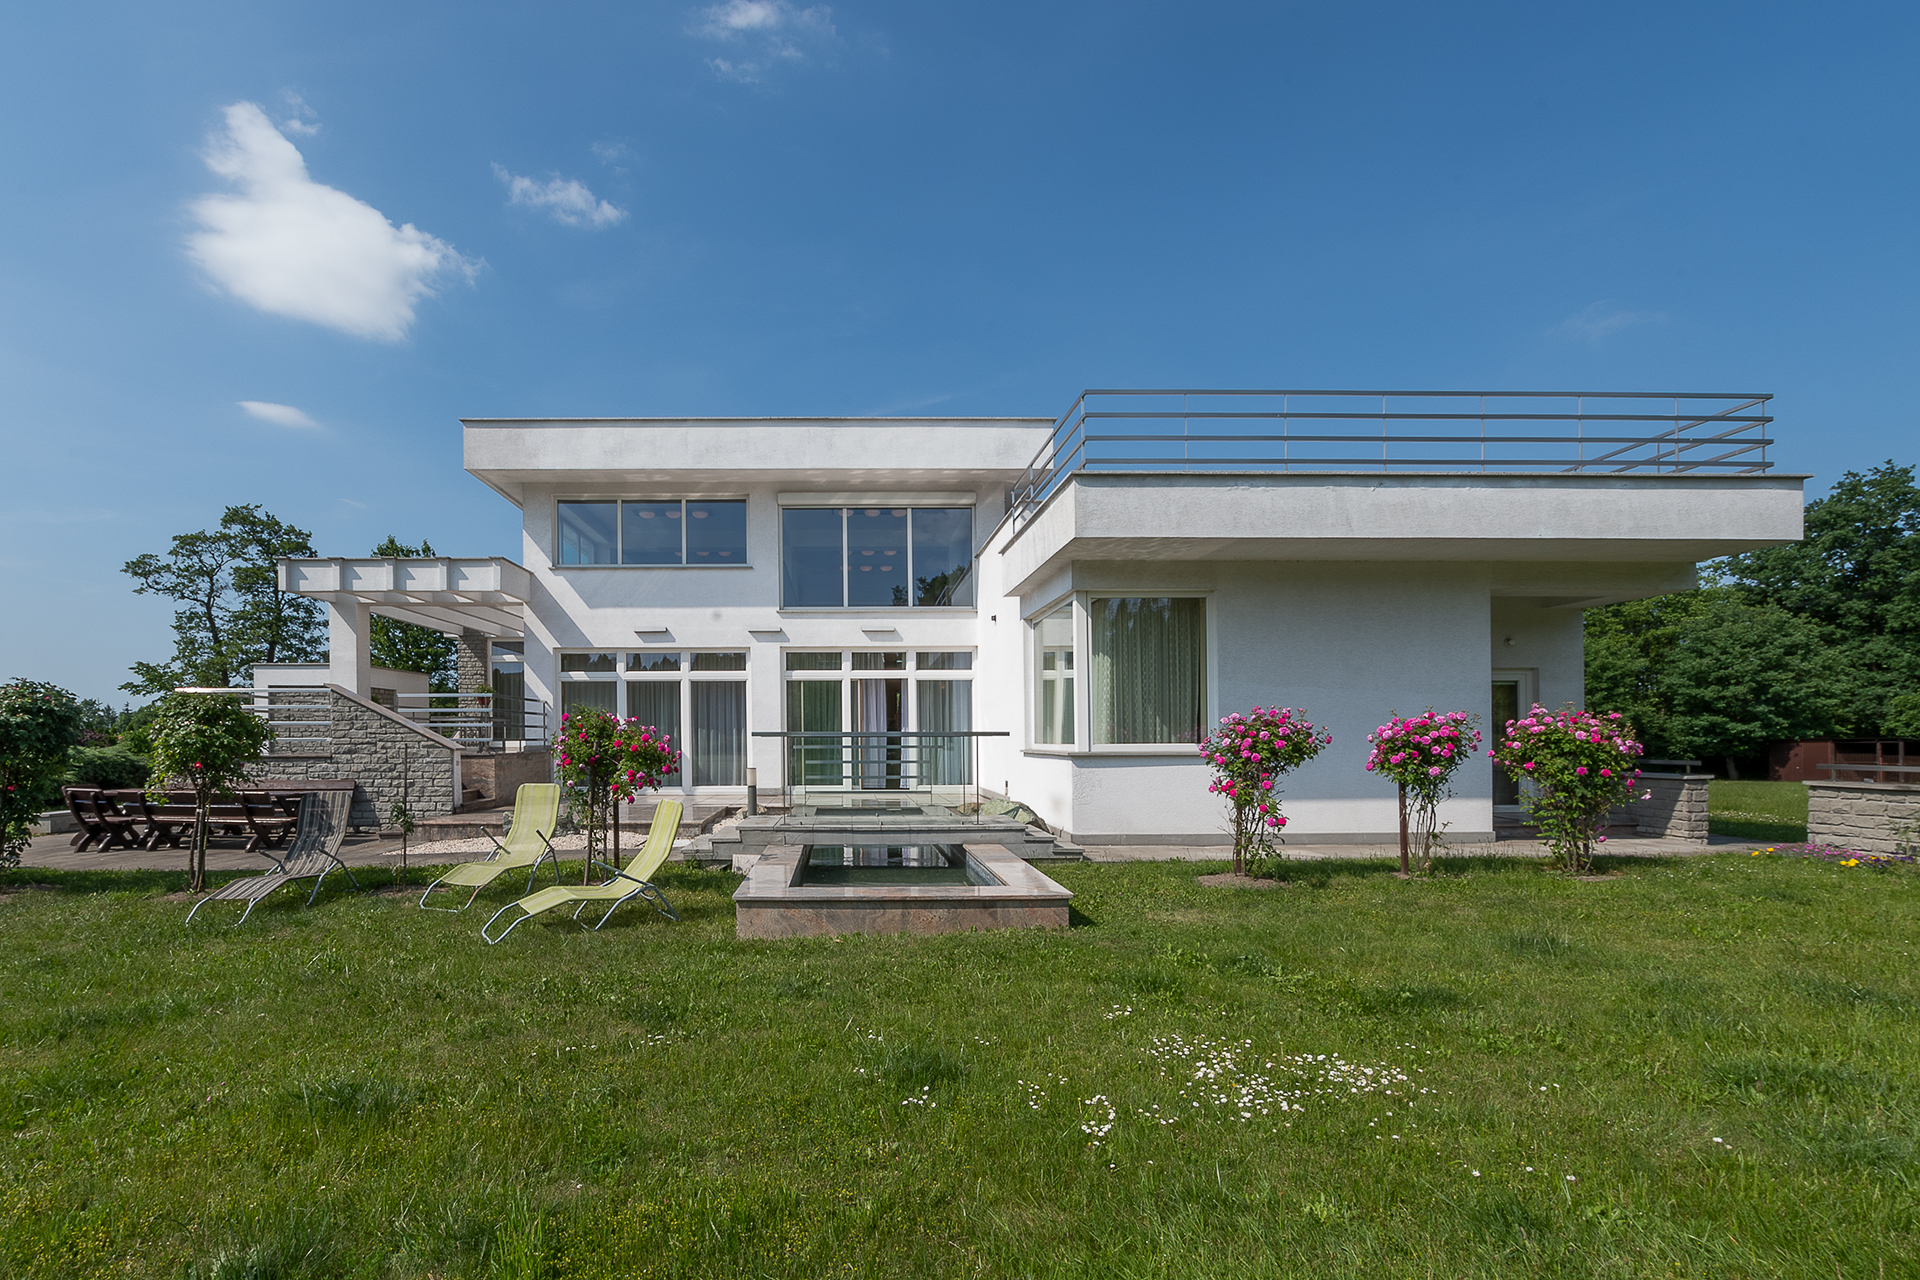 dom i ogród (1)